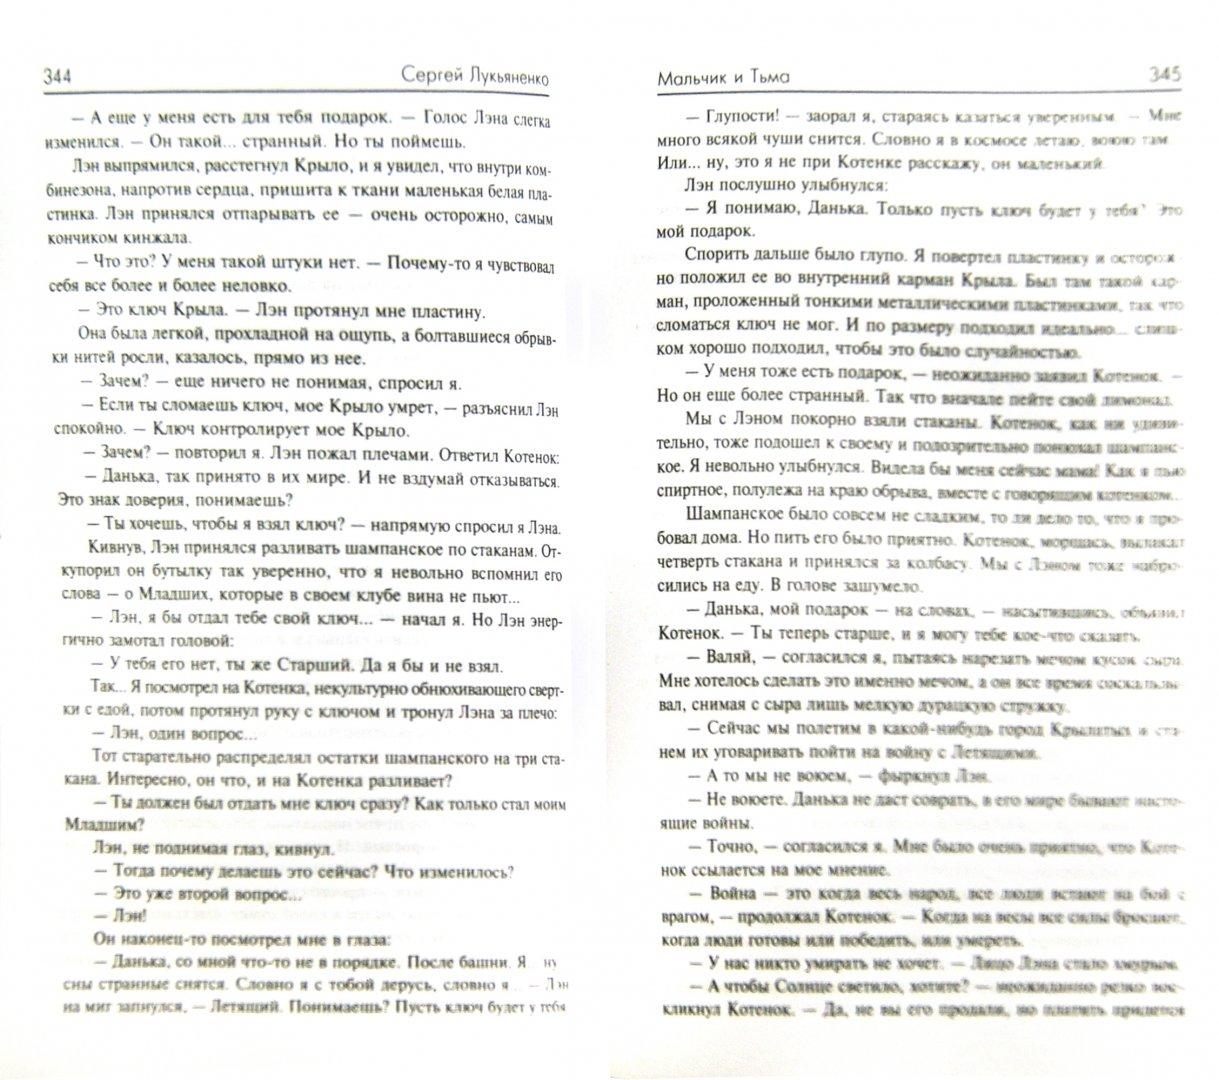 Иллюстрация 1 из 13 для Книга гор - Сергей Лукьяненко   Лабиринт - книги. Источник: Лабиринт